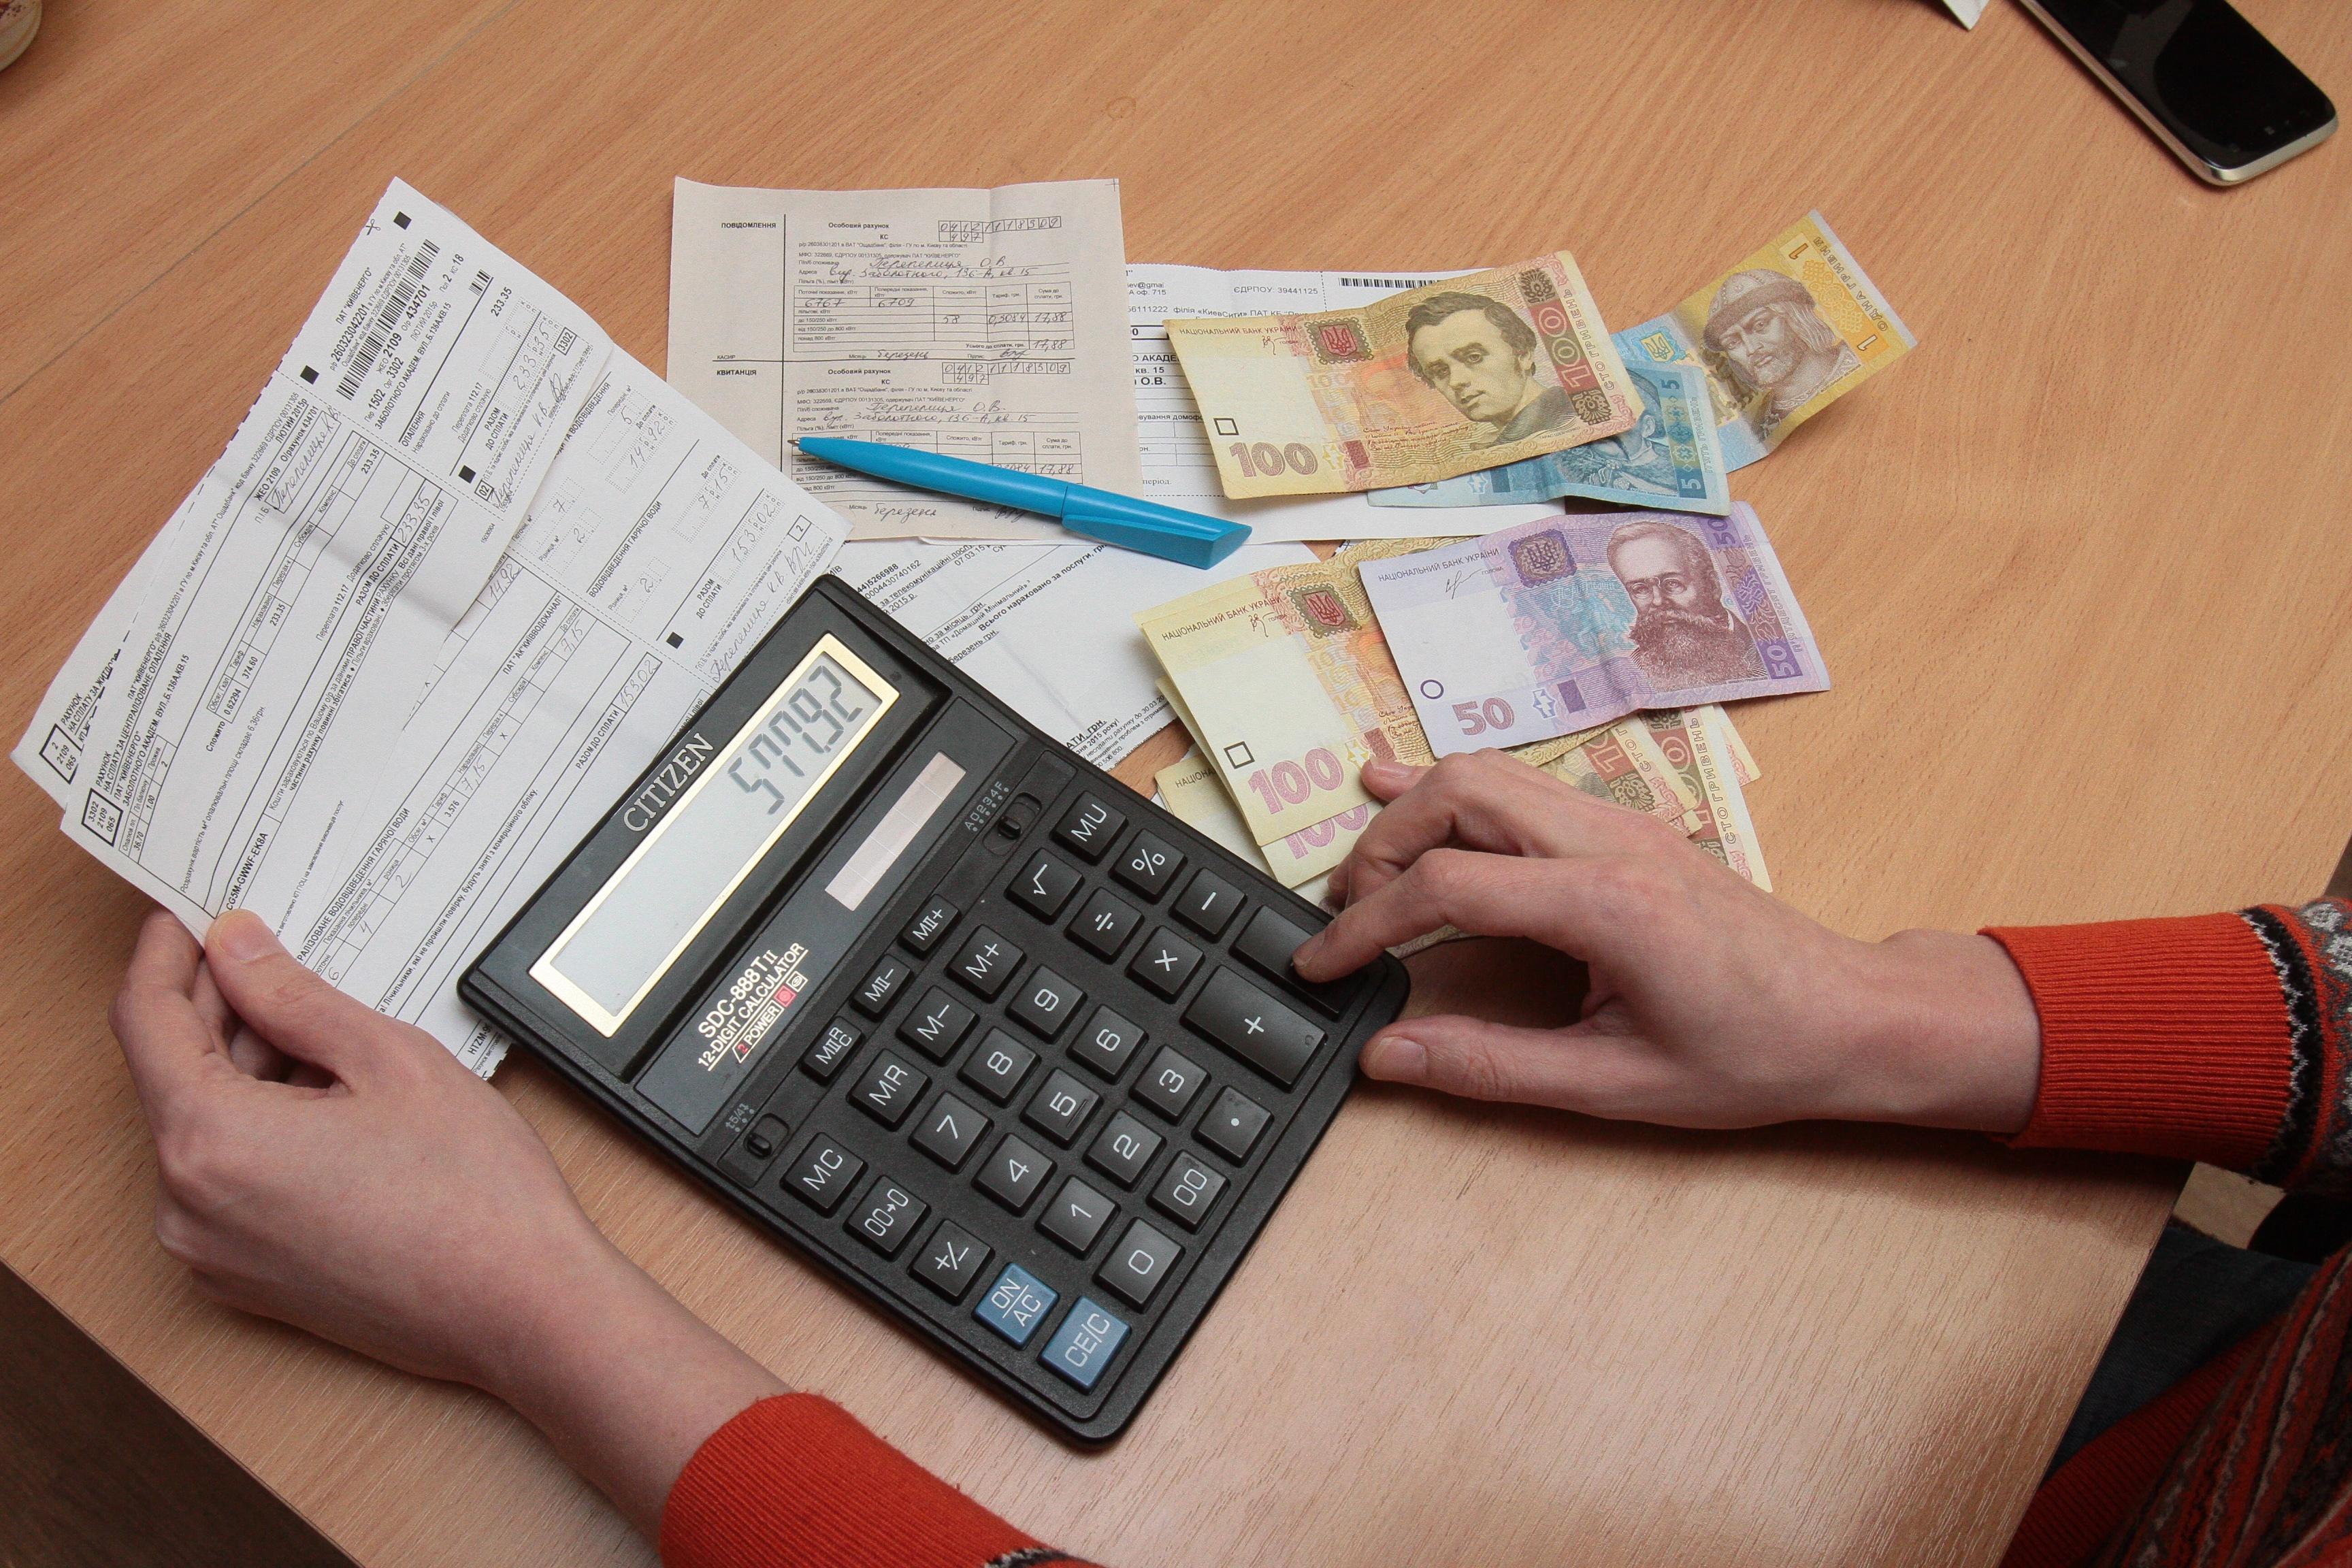 Почему запорожцы получили две платежки за содержание дома